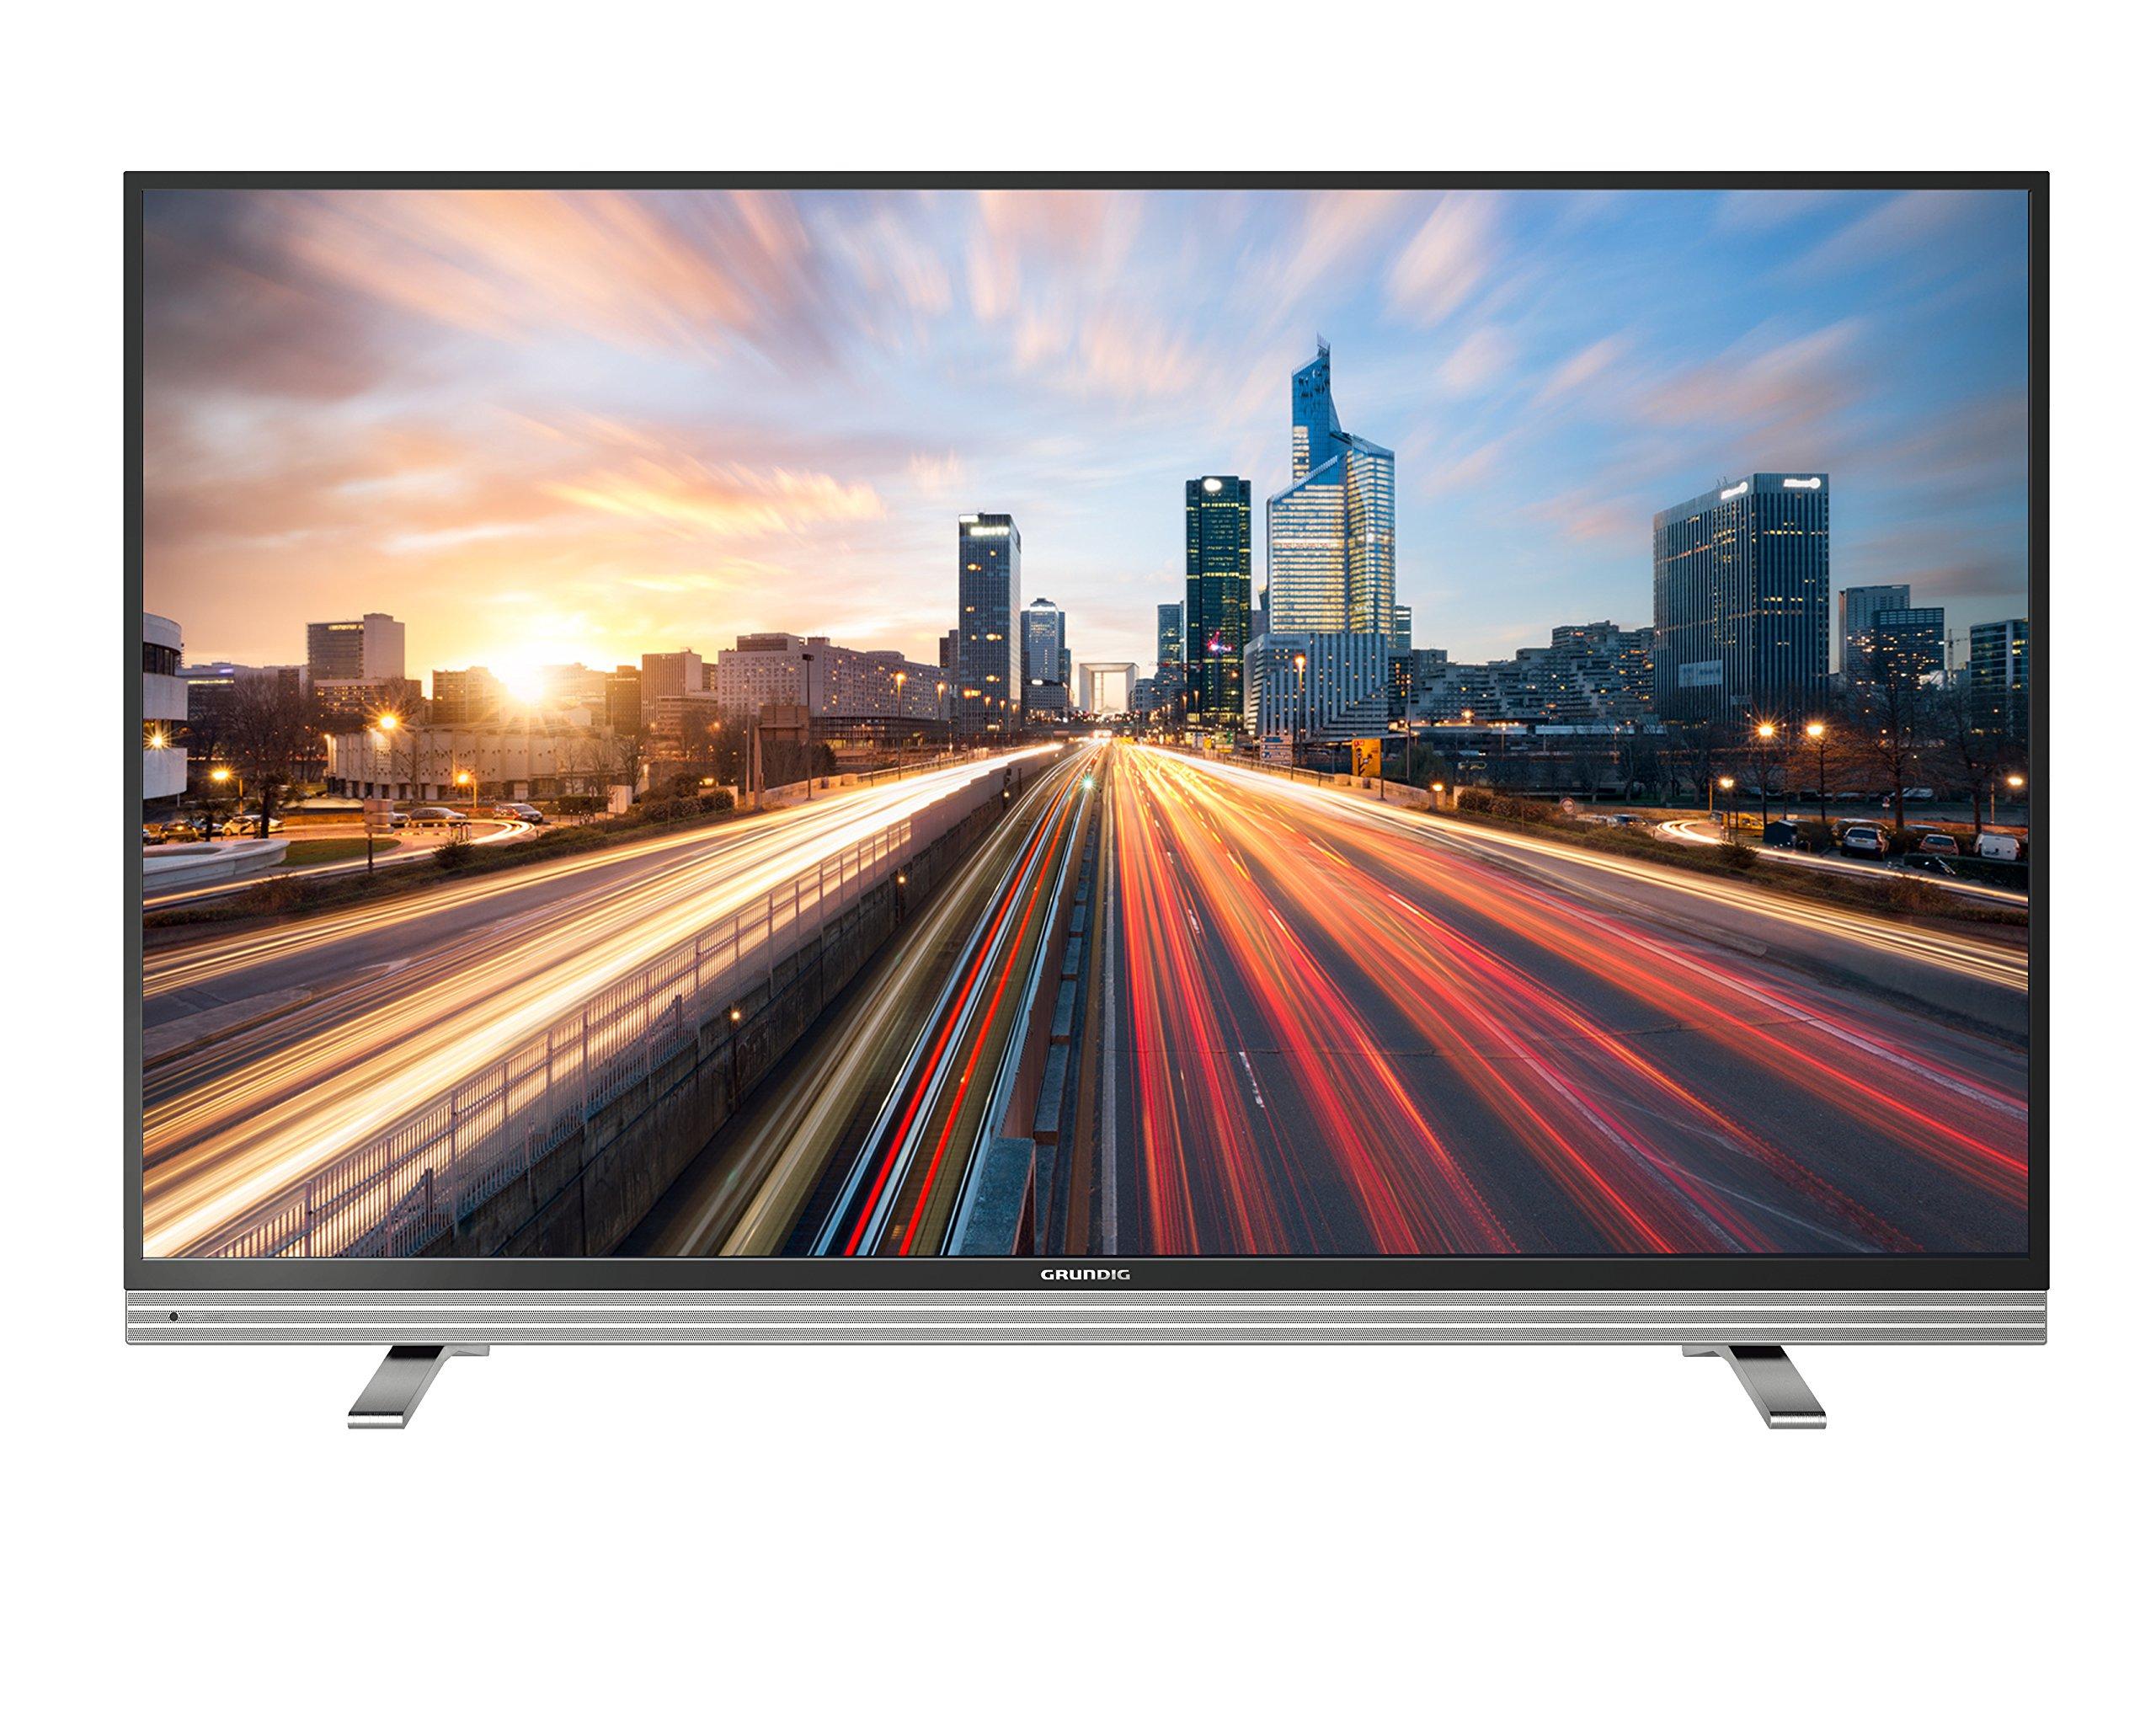 Grundig 48 VLX 8582 BP 121 cm (48 Pulgadas) TV (Ultra HD, sintonizador Triple, 3D, Smart TV) Negro: Amazon.es: Electrónica